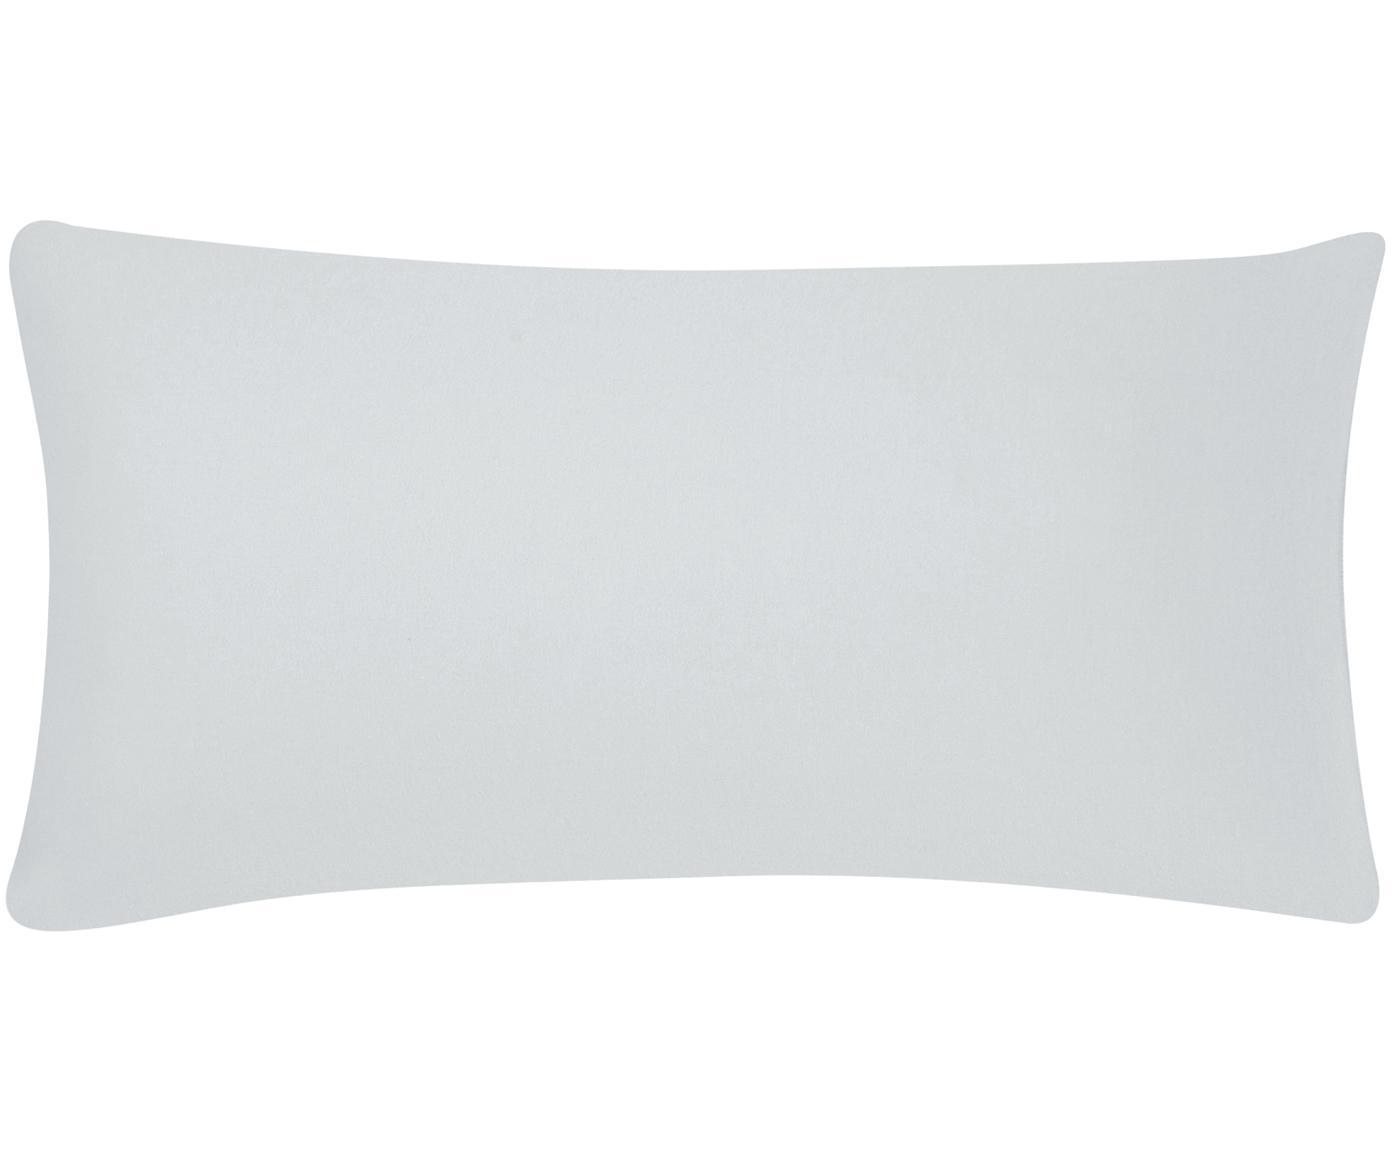 Poszewka na poduszkę z flaneli Biba, 2 szt., Jasny szary, S 40 x D 80 cm